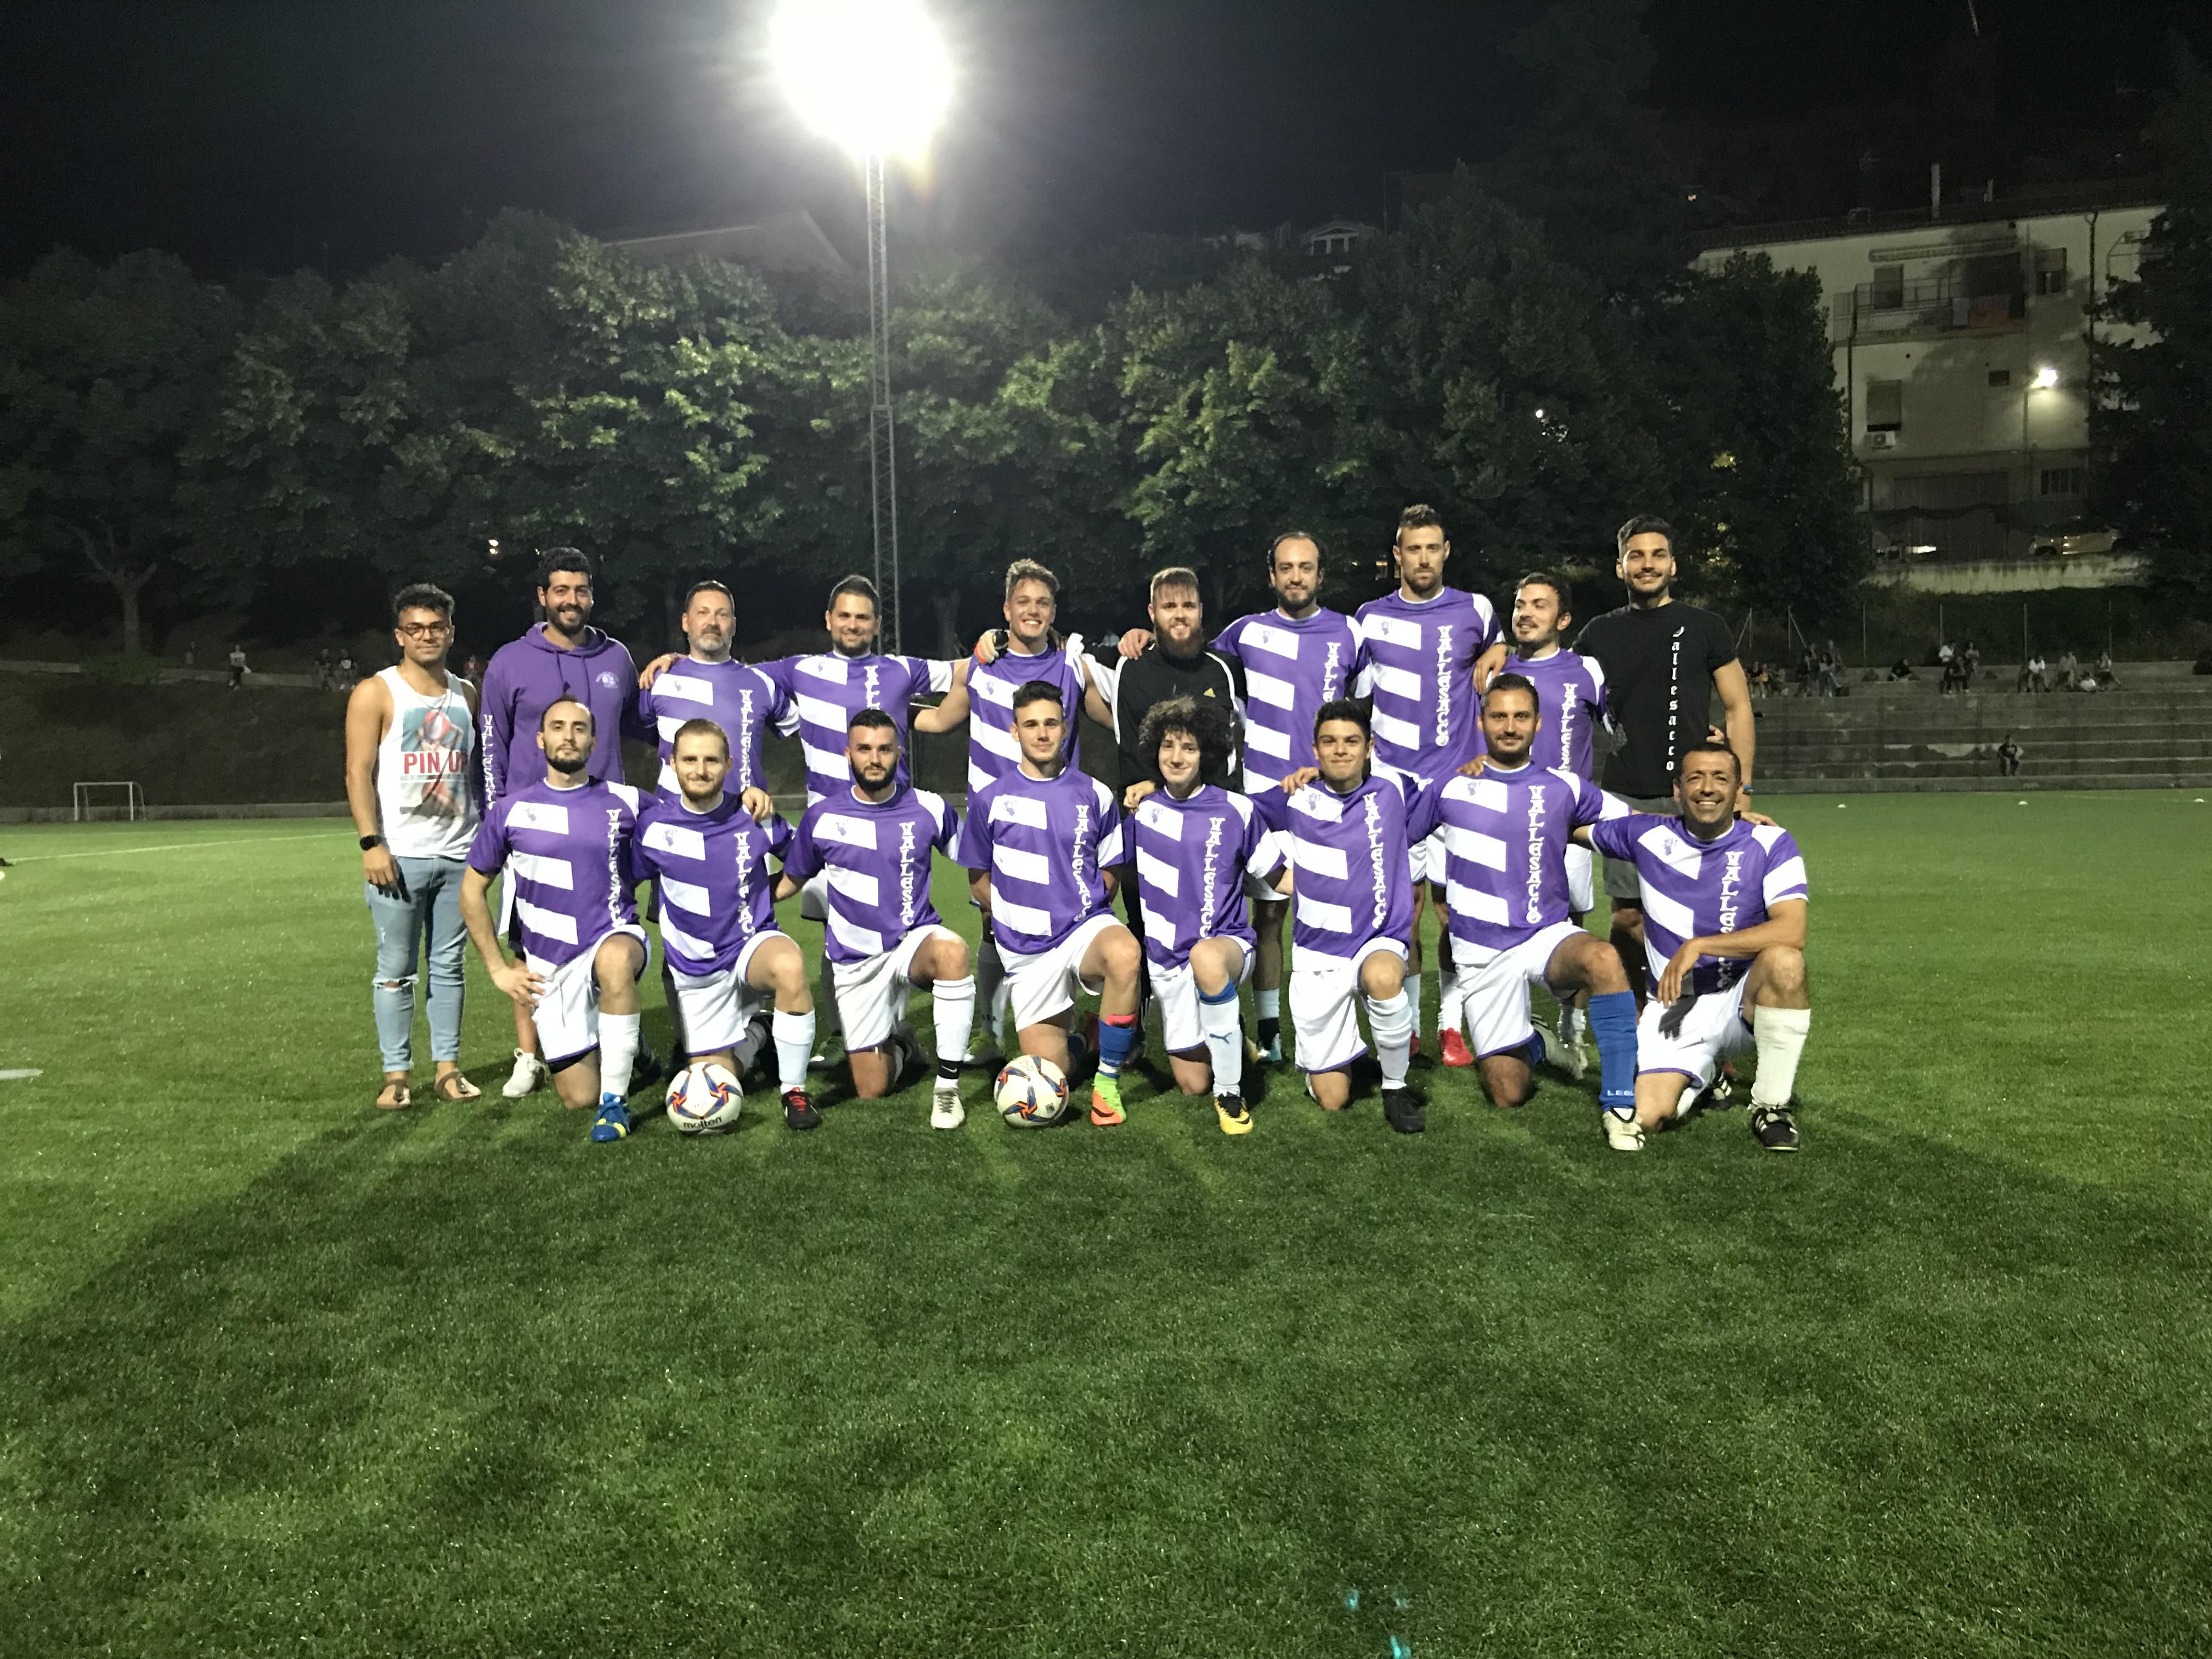 squadra-vallesacco